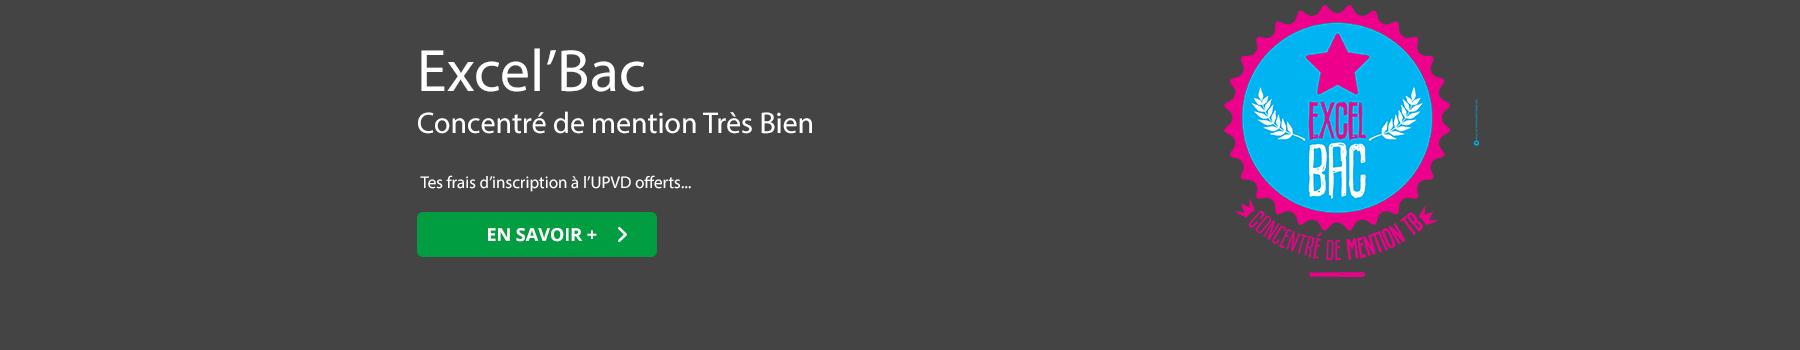 SLIDES-Excel-Bac-1